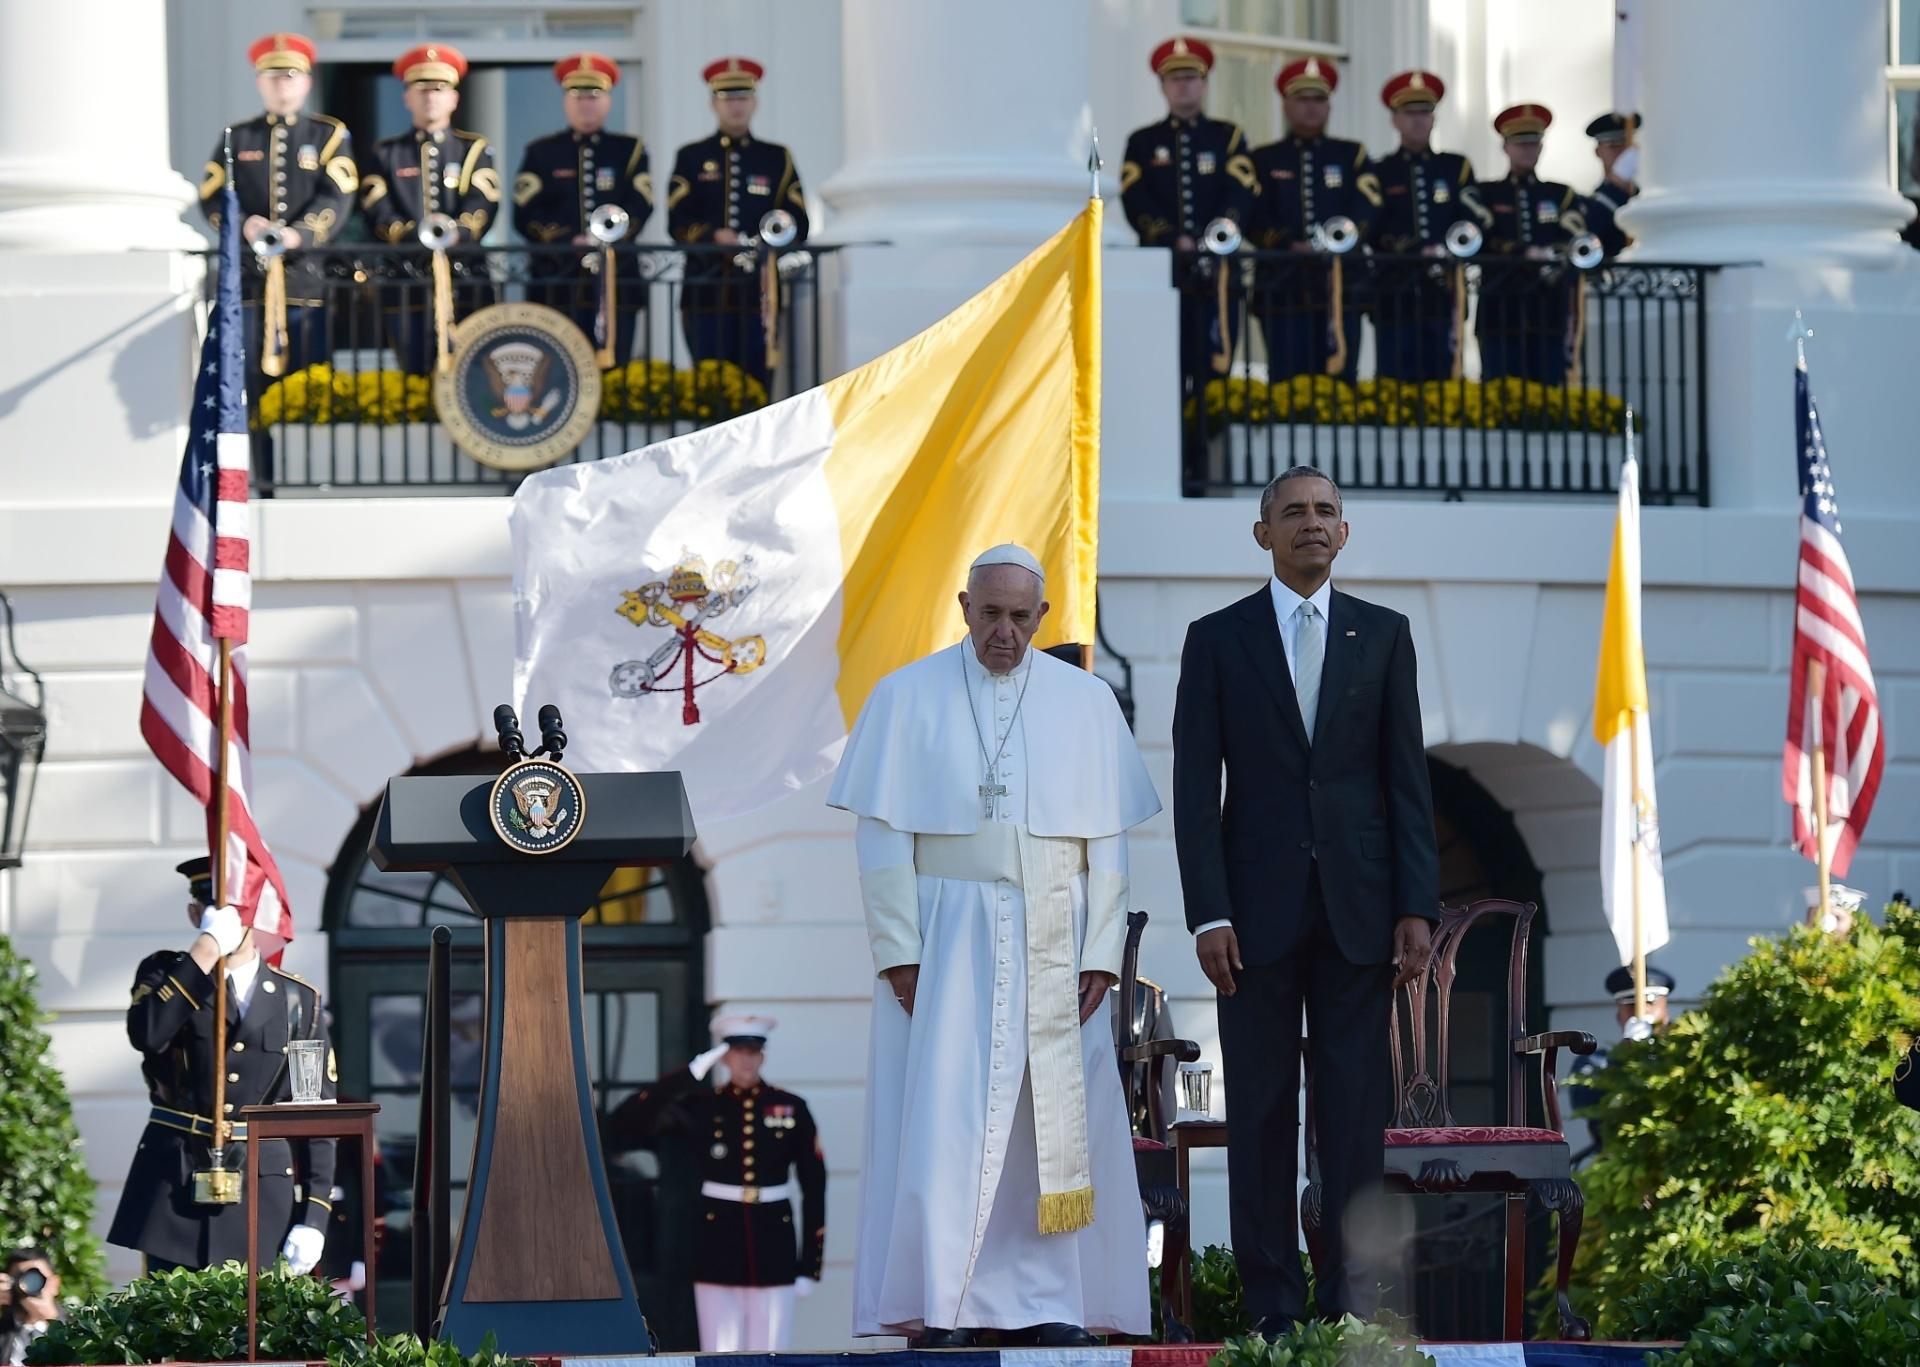 23.set.2015 - Papa Francisco chega à Casa Branca, em Washington, onde é recebido pelo presidente dos Estados Unidos, Barack Obama, e pela primeira-dama Michelle Obama, em sua primeira visita como papa ao país